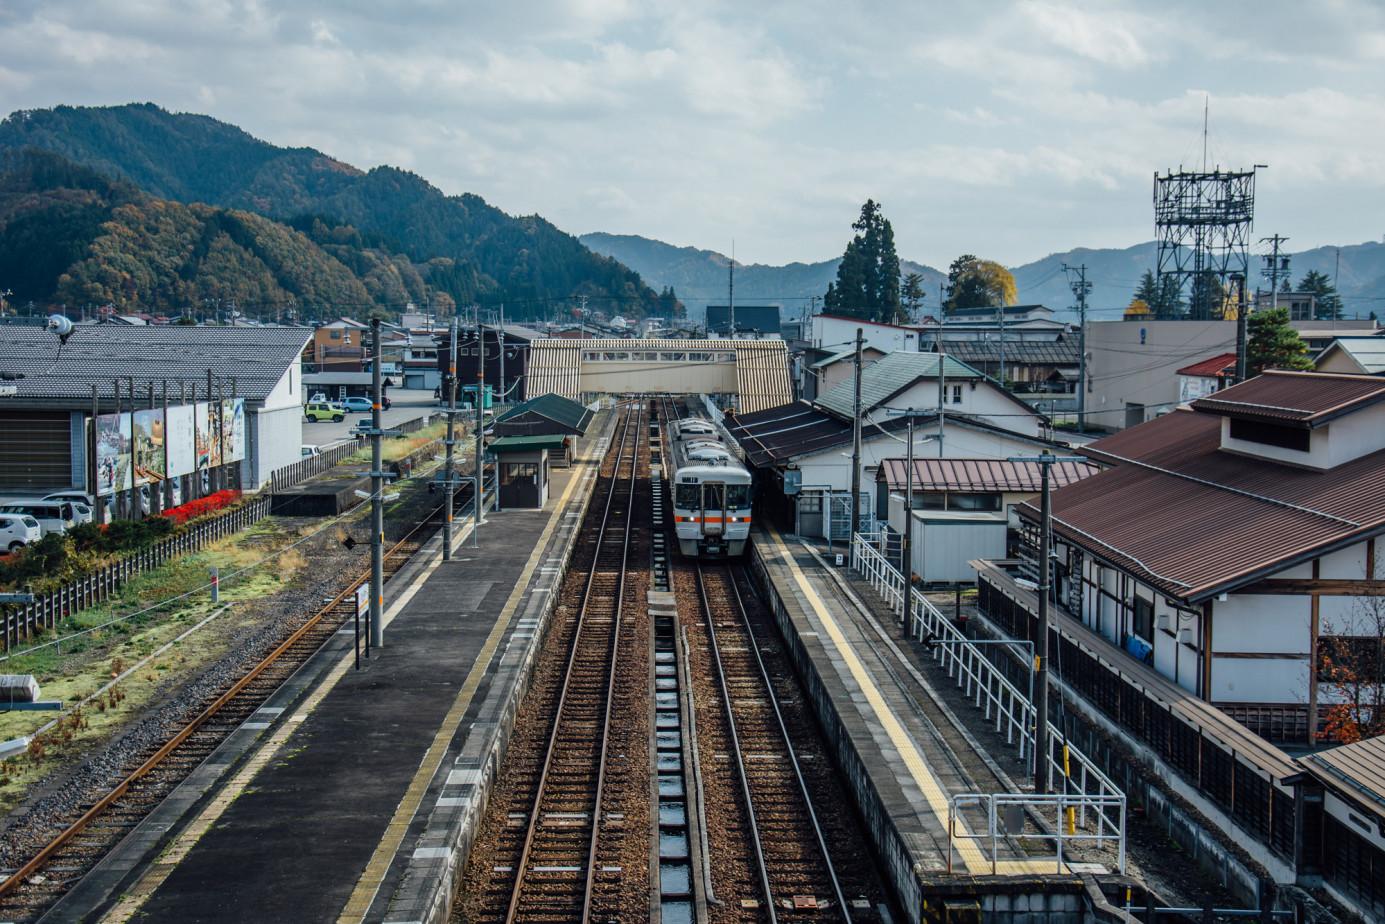 1-Day Anime Tour of Hida